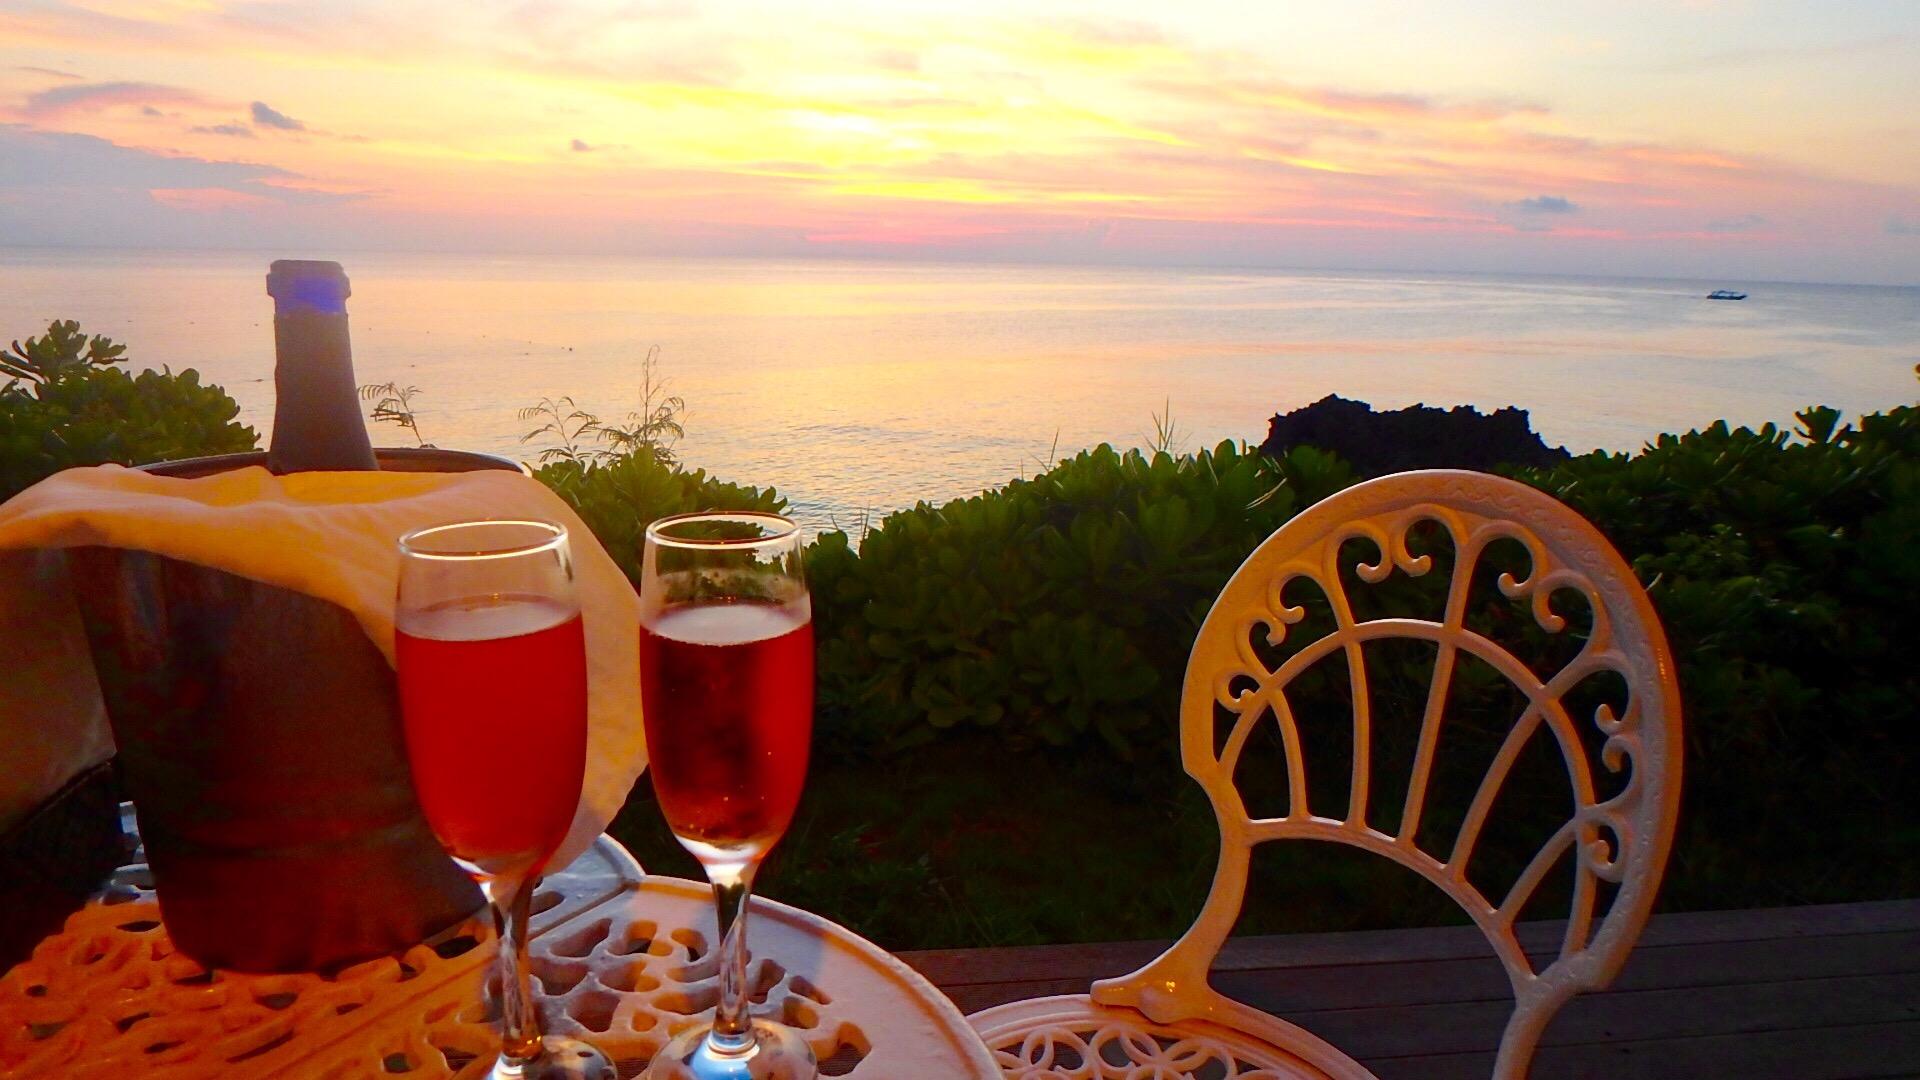 与論島おすすめレストラン 海の見える絶景テラス席